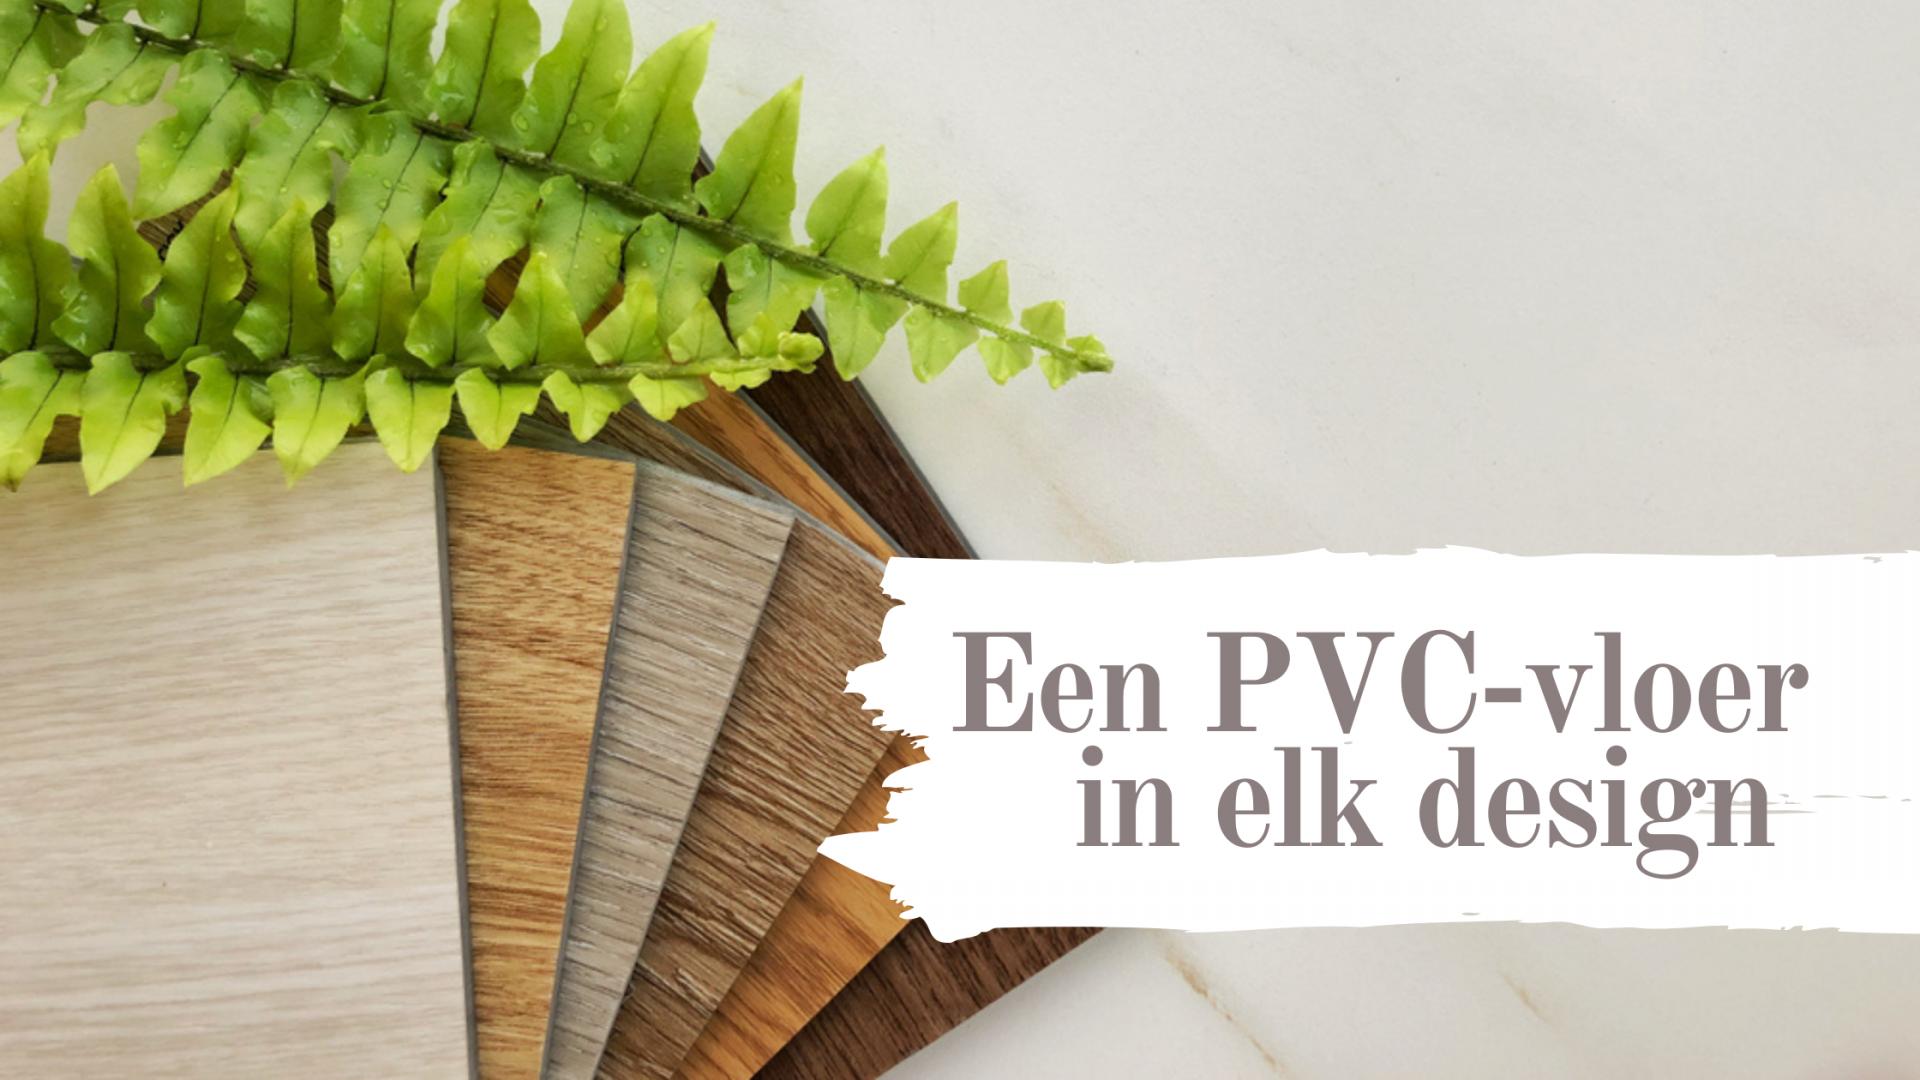 Een PVC-vloer in elk design